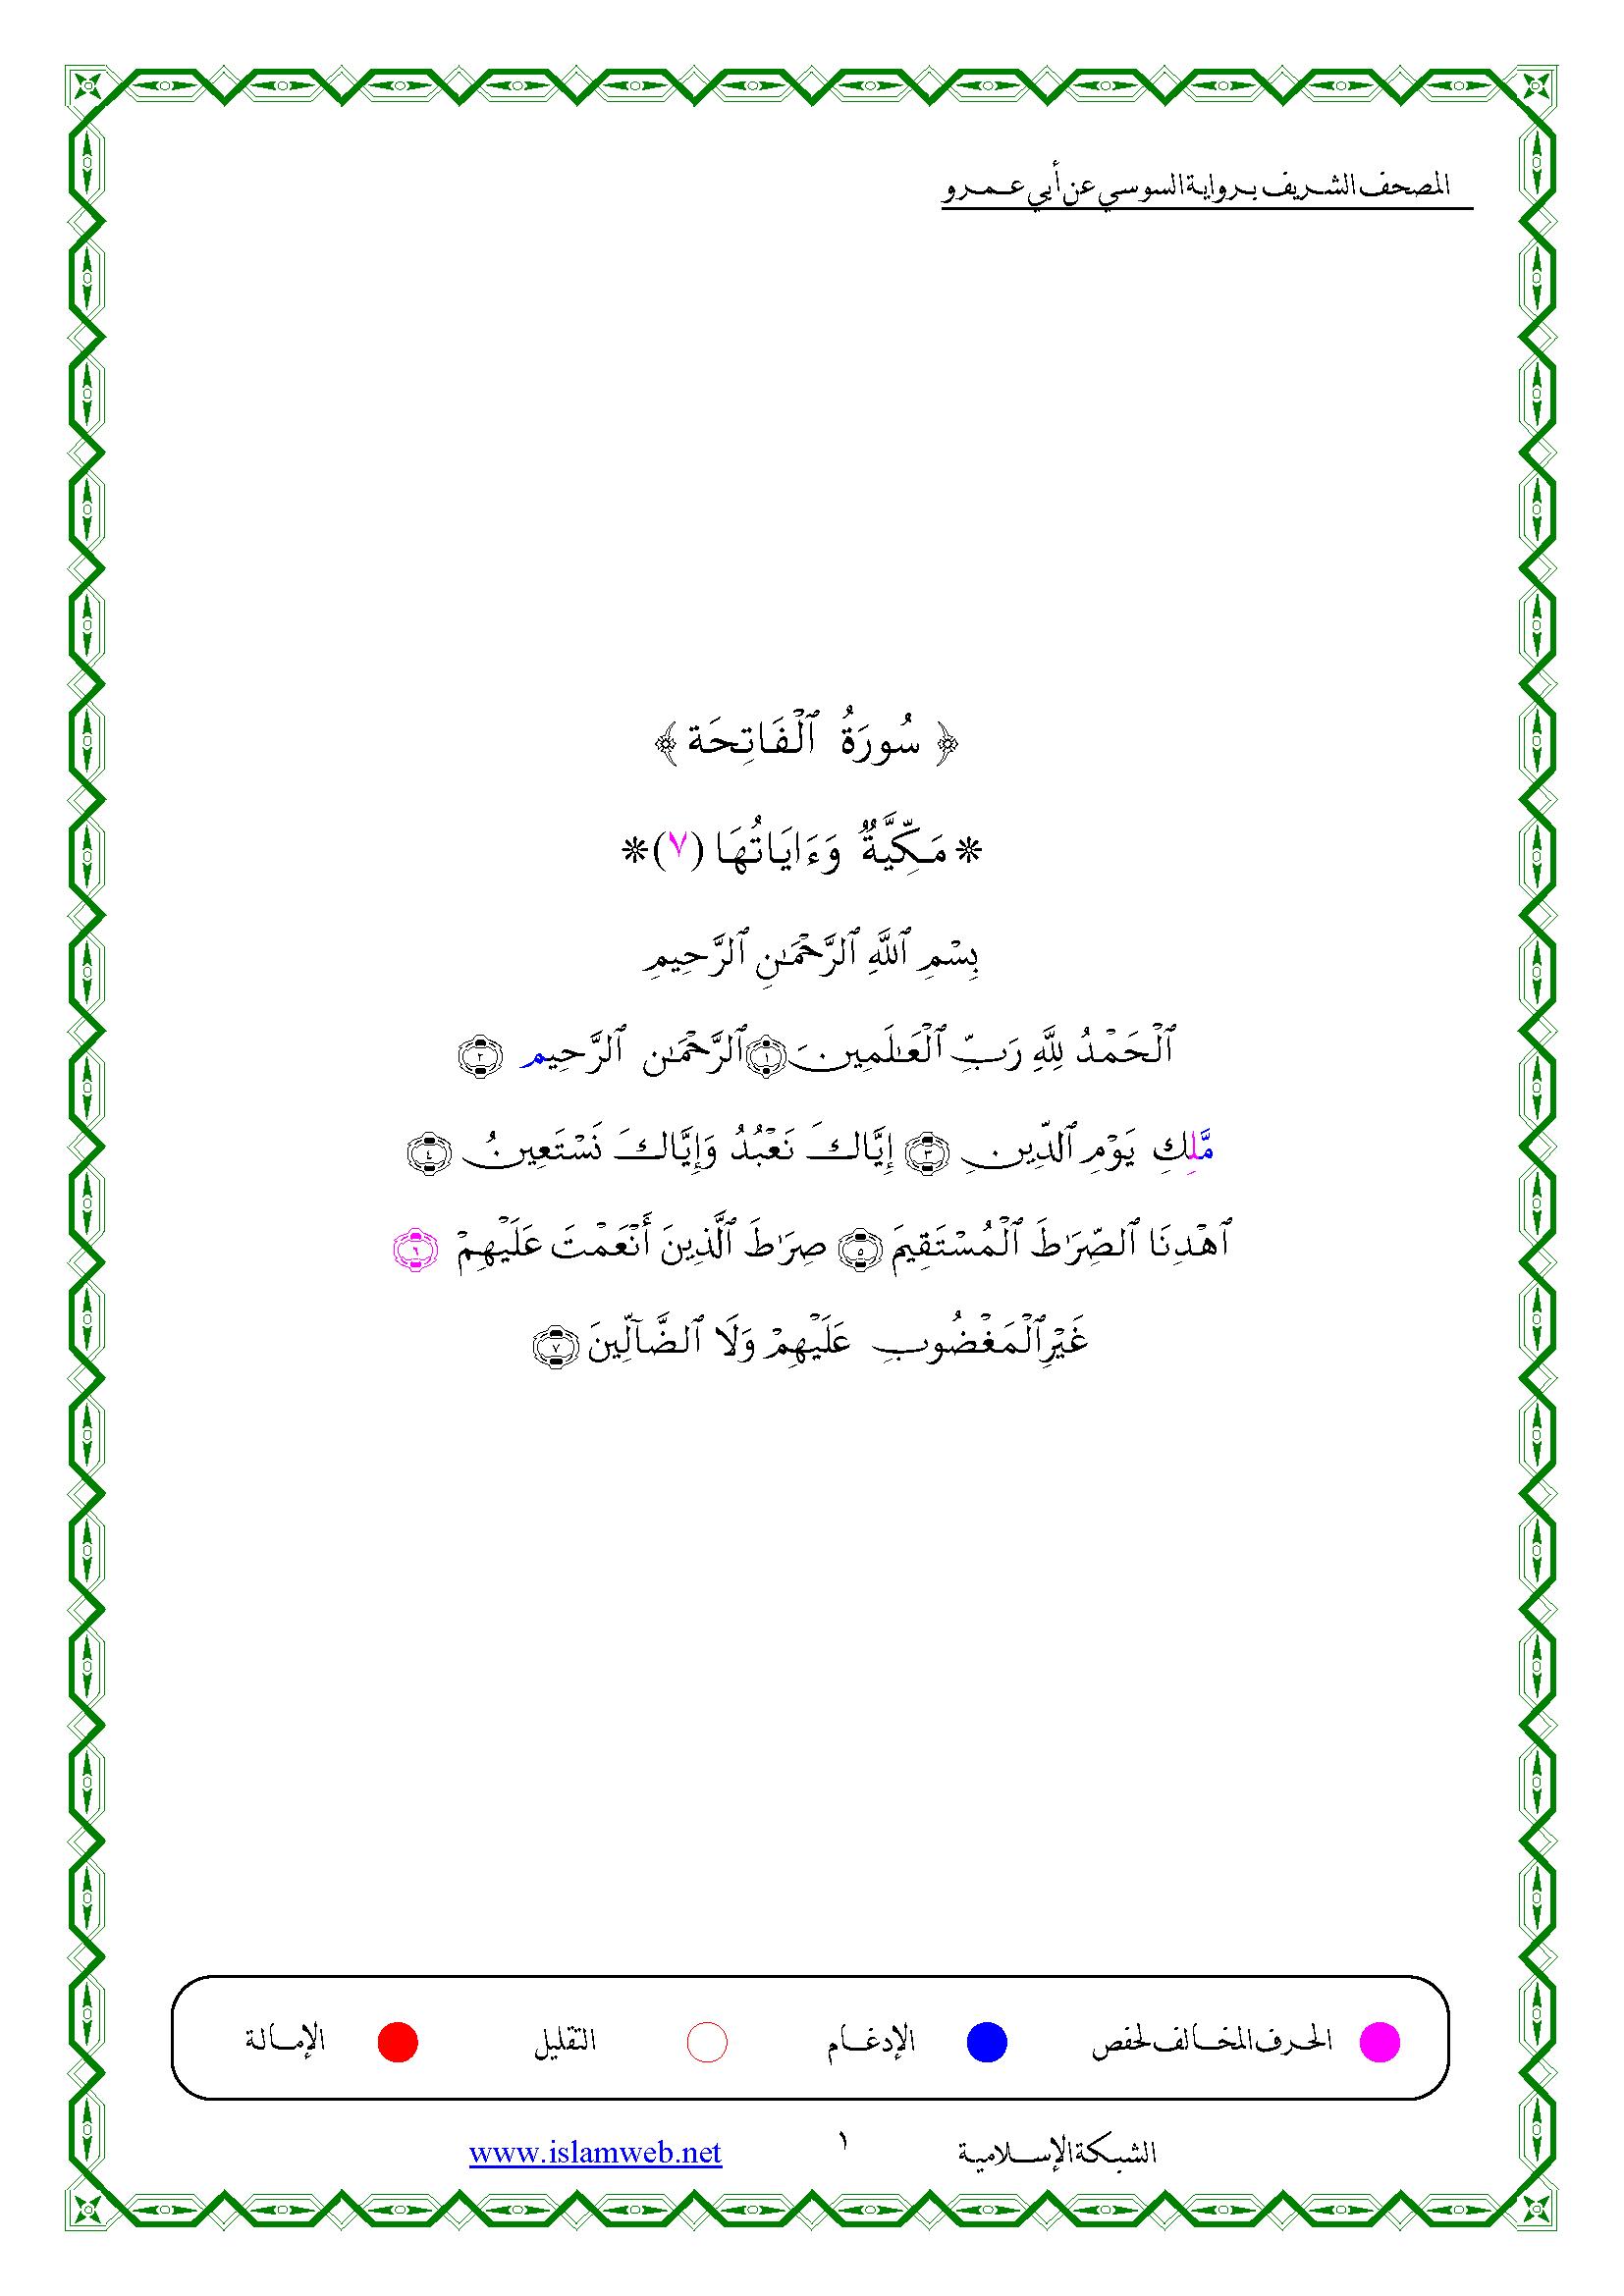 تحميل كتاب المصحف الشريف برواية السوسي عن أبي عمرو